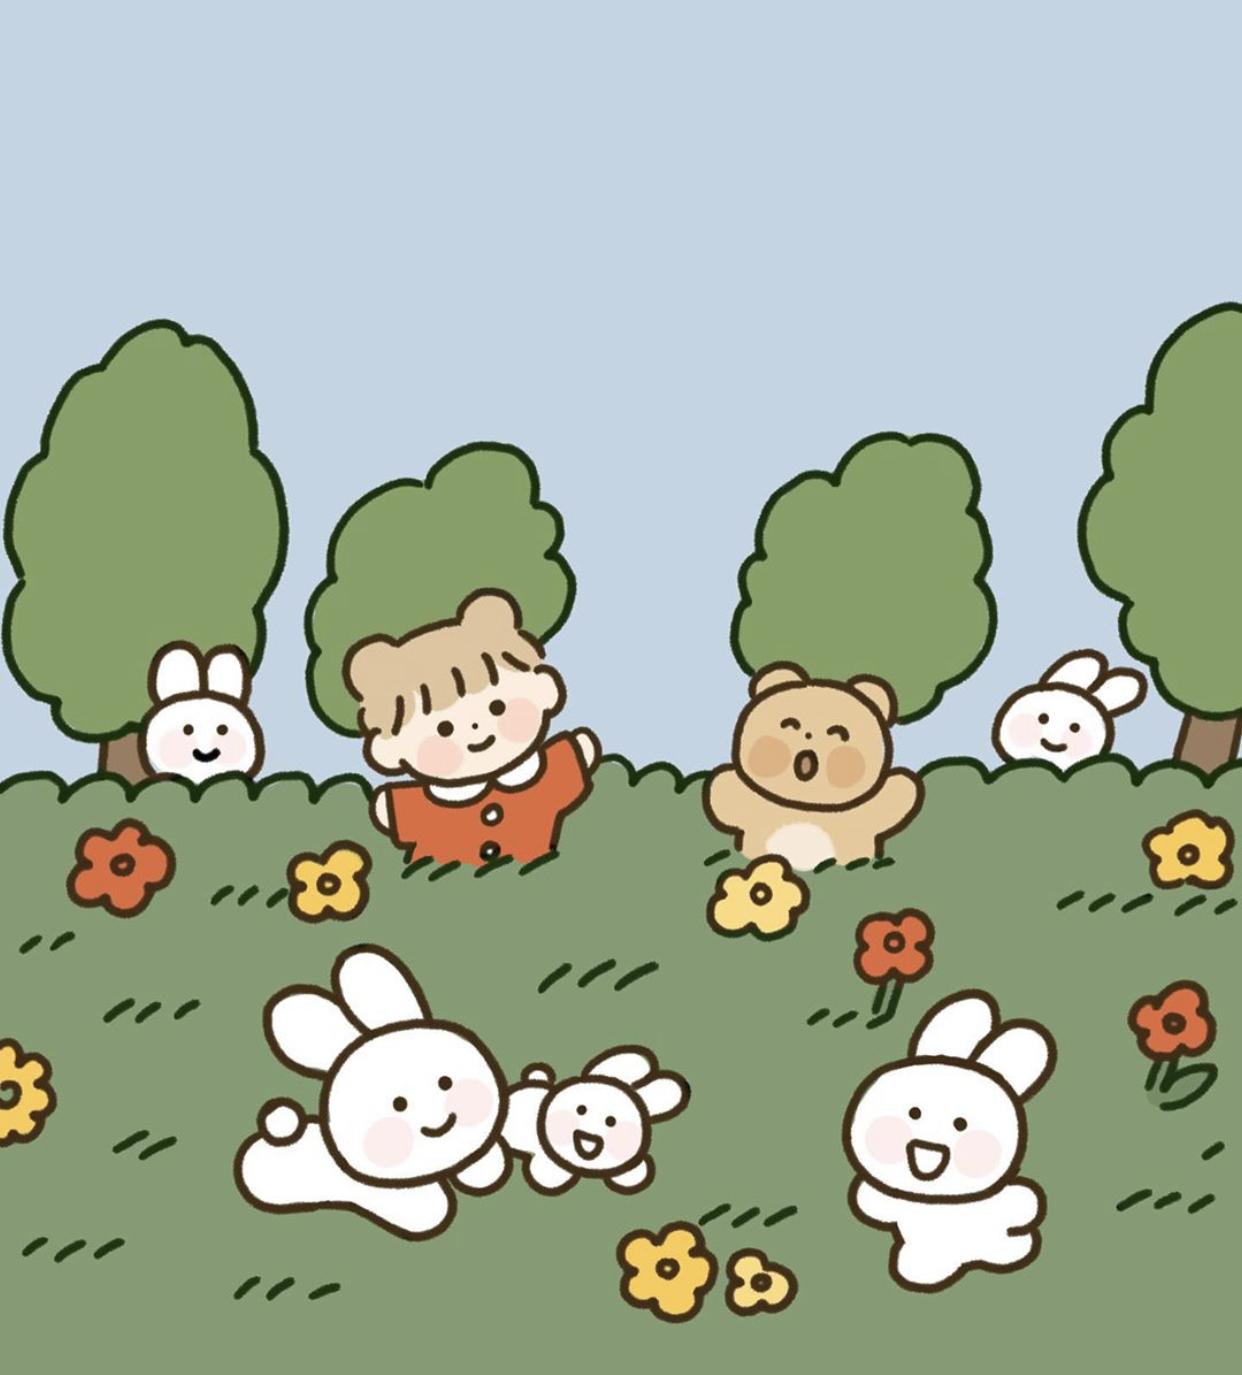 情头可爱ins风搞怪动漫卡通无水印搞笑情感挽回 超阔爱情头可爱ins风